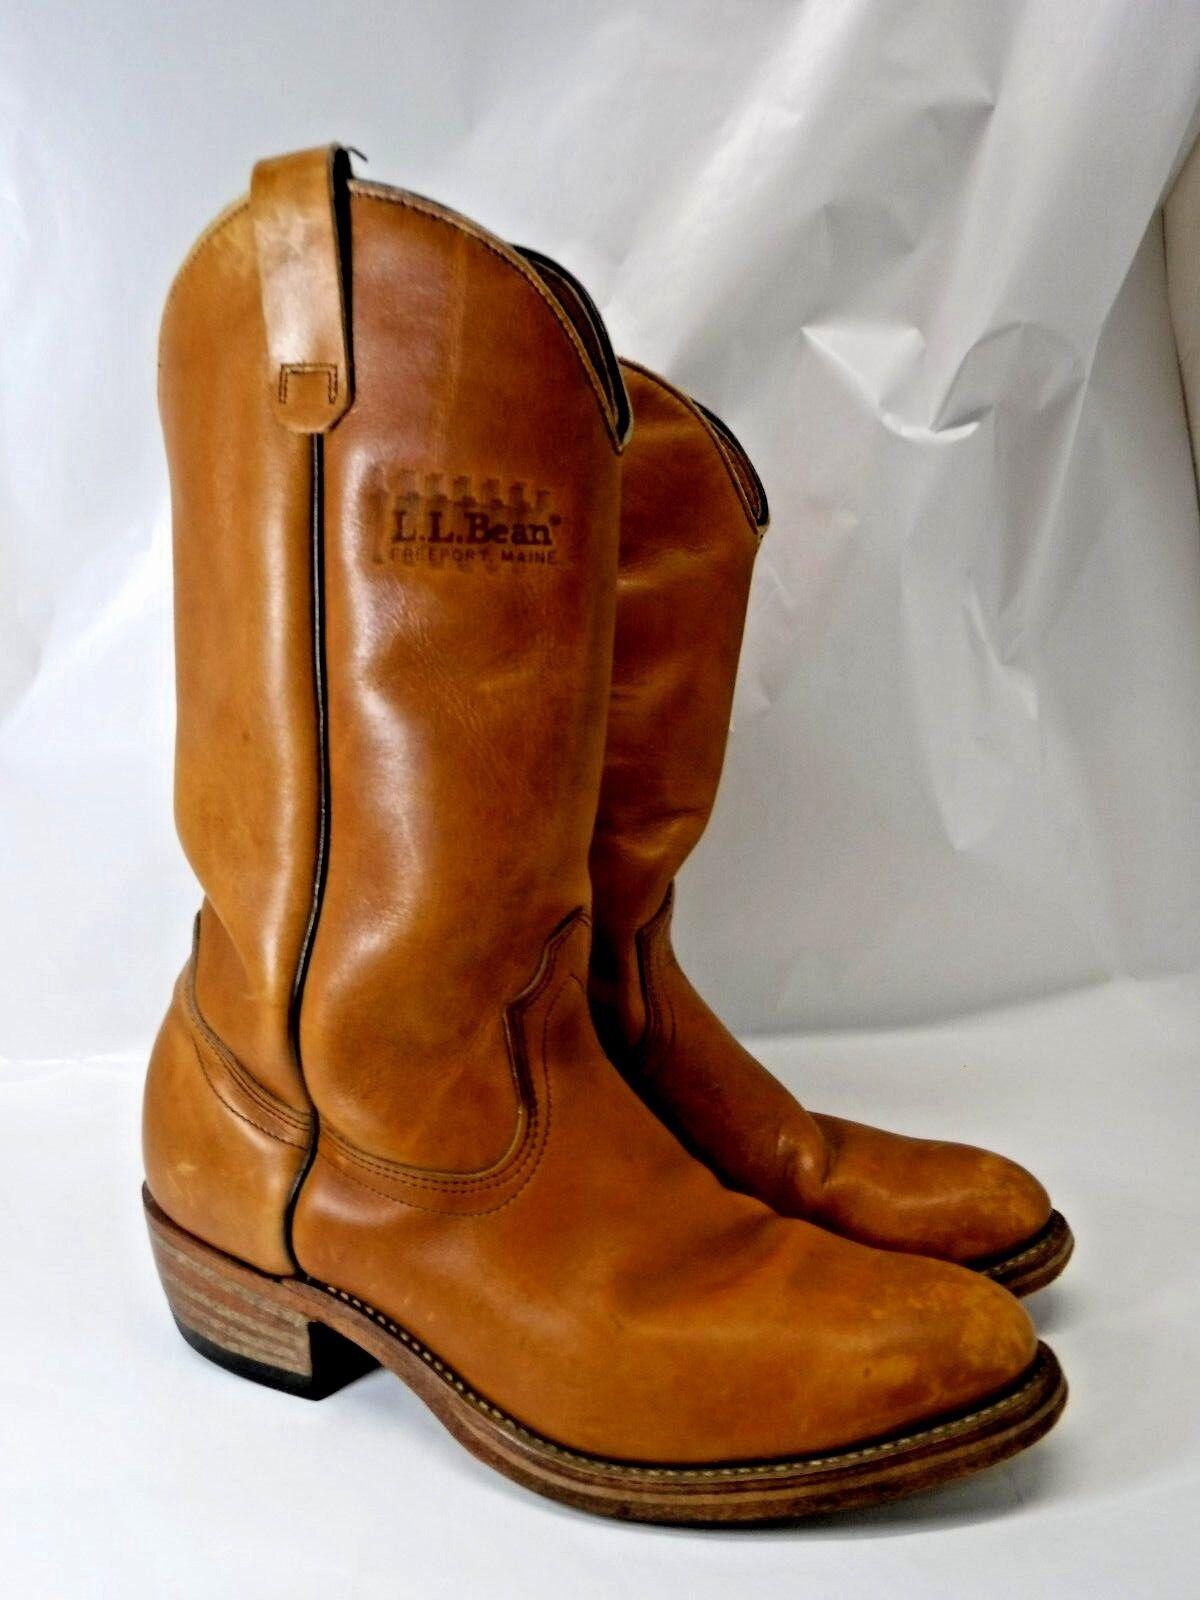 L.L. Bean cuero botas Sz 9 Hecho en EE. UU. Vintage Raro años 80